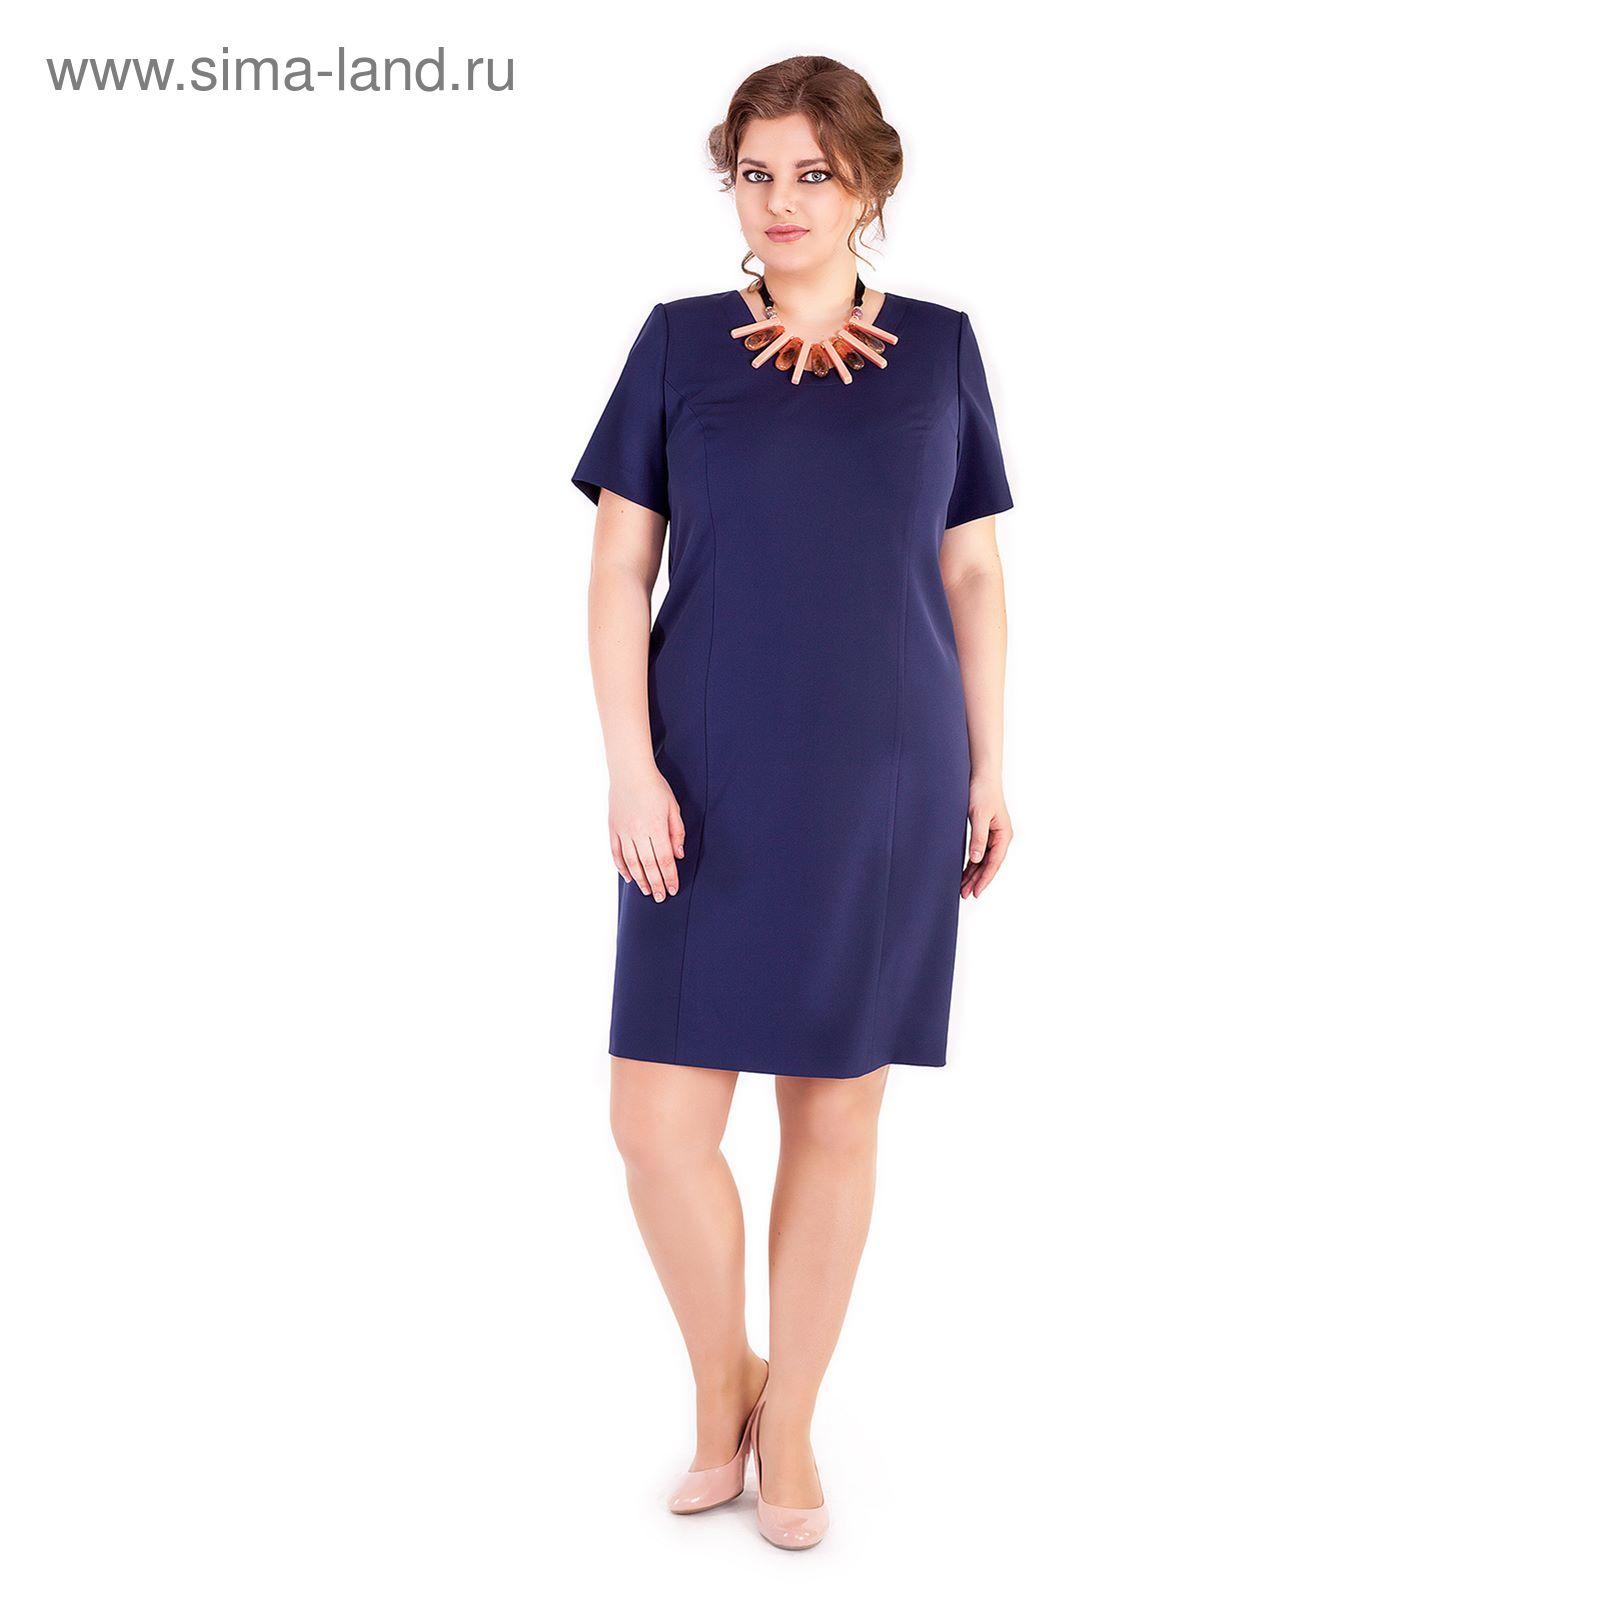 a87514df217edef Платье-футляр женское, размер 54, цвет индиго (2189793) - Купить по ...